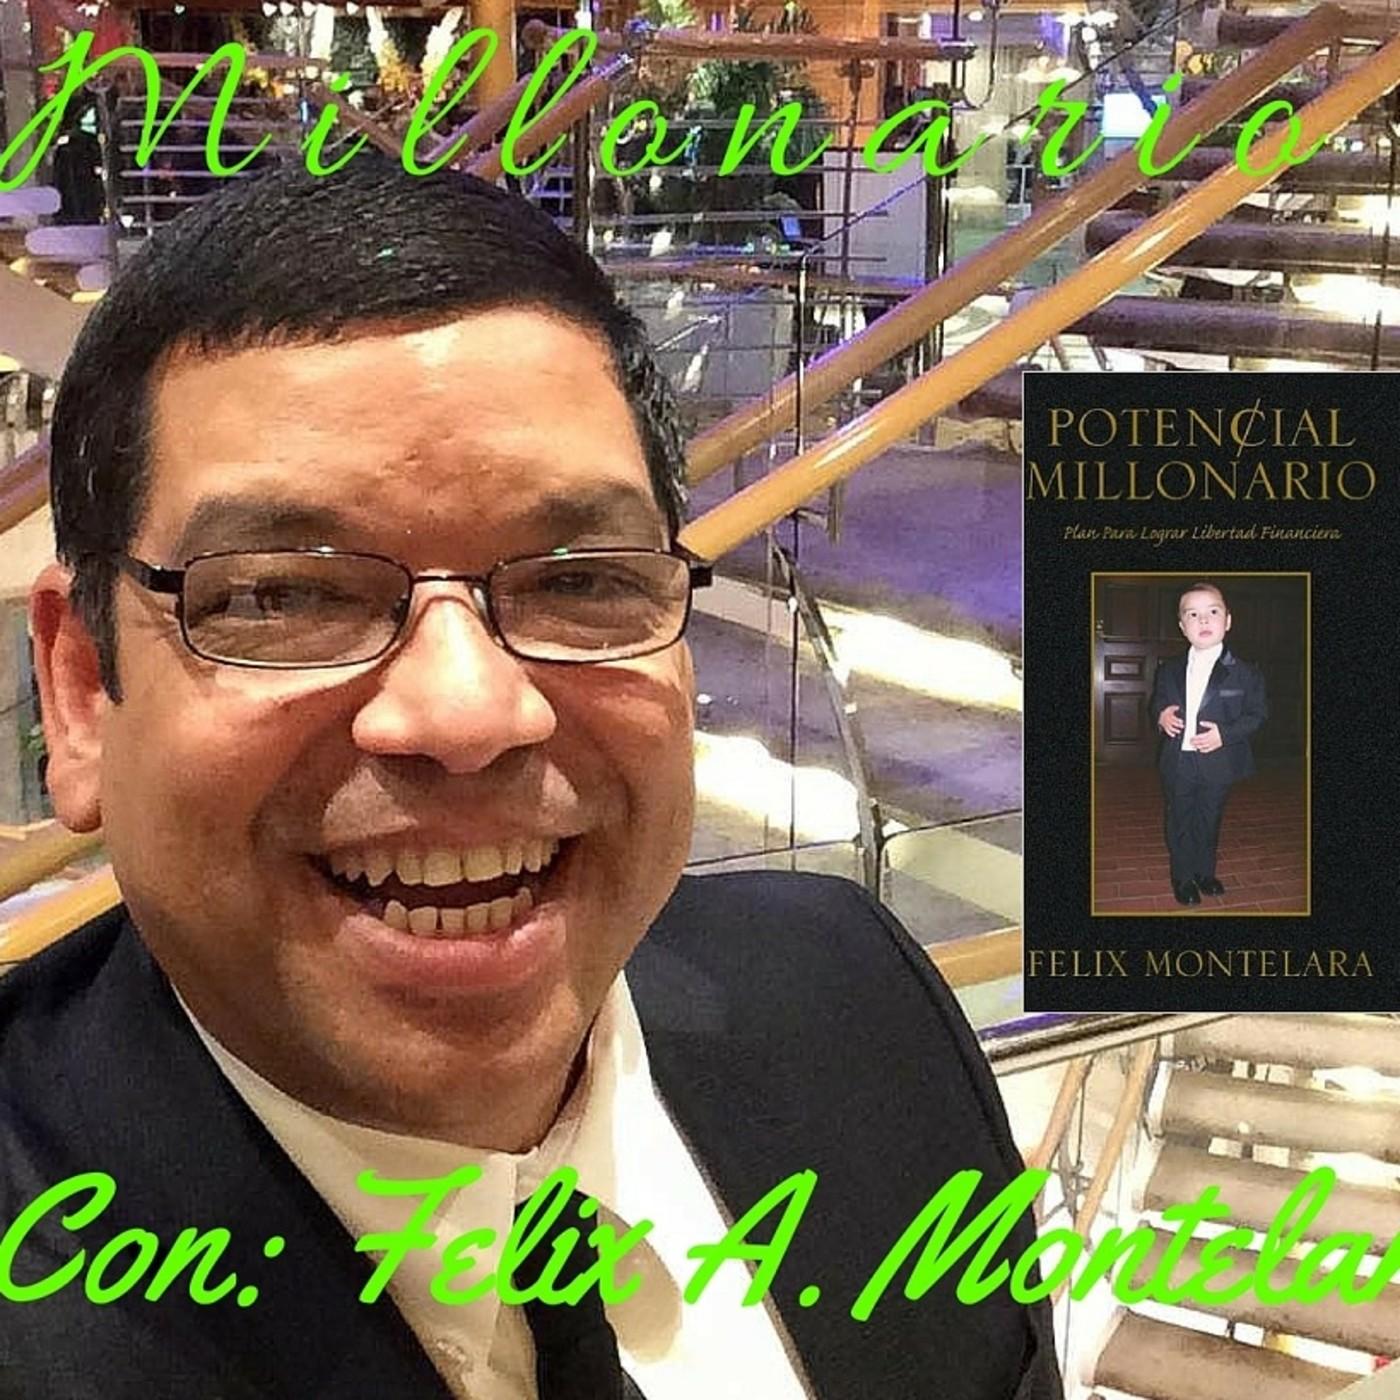 Los Secretos y Archivos de la Mente Millonaria  Ep. 25 Potencial Millonario con Felix A. Montelara